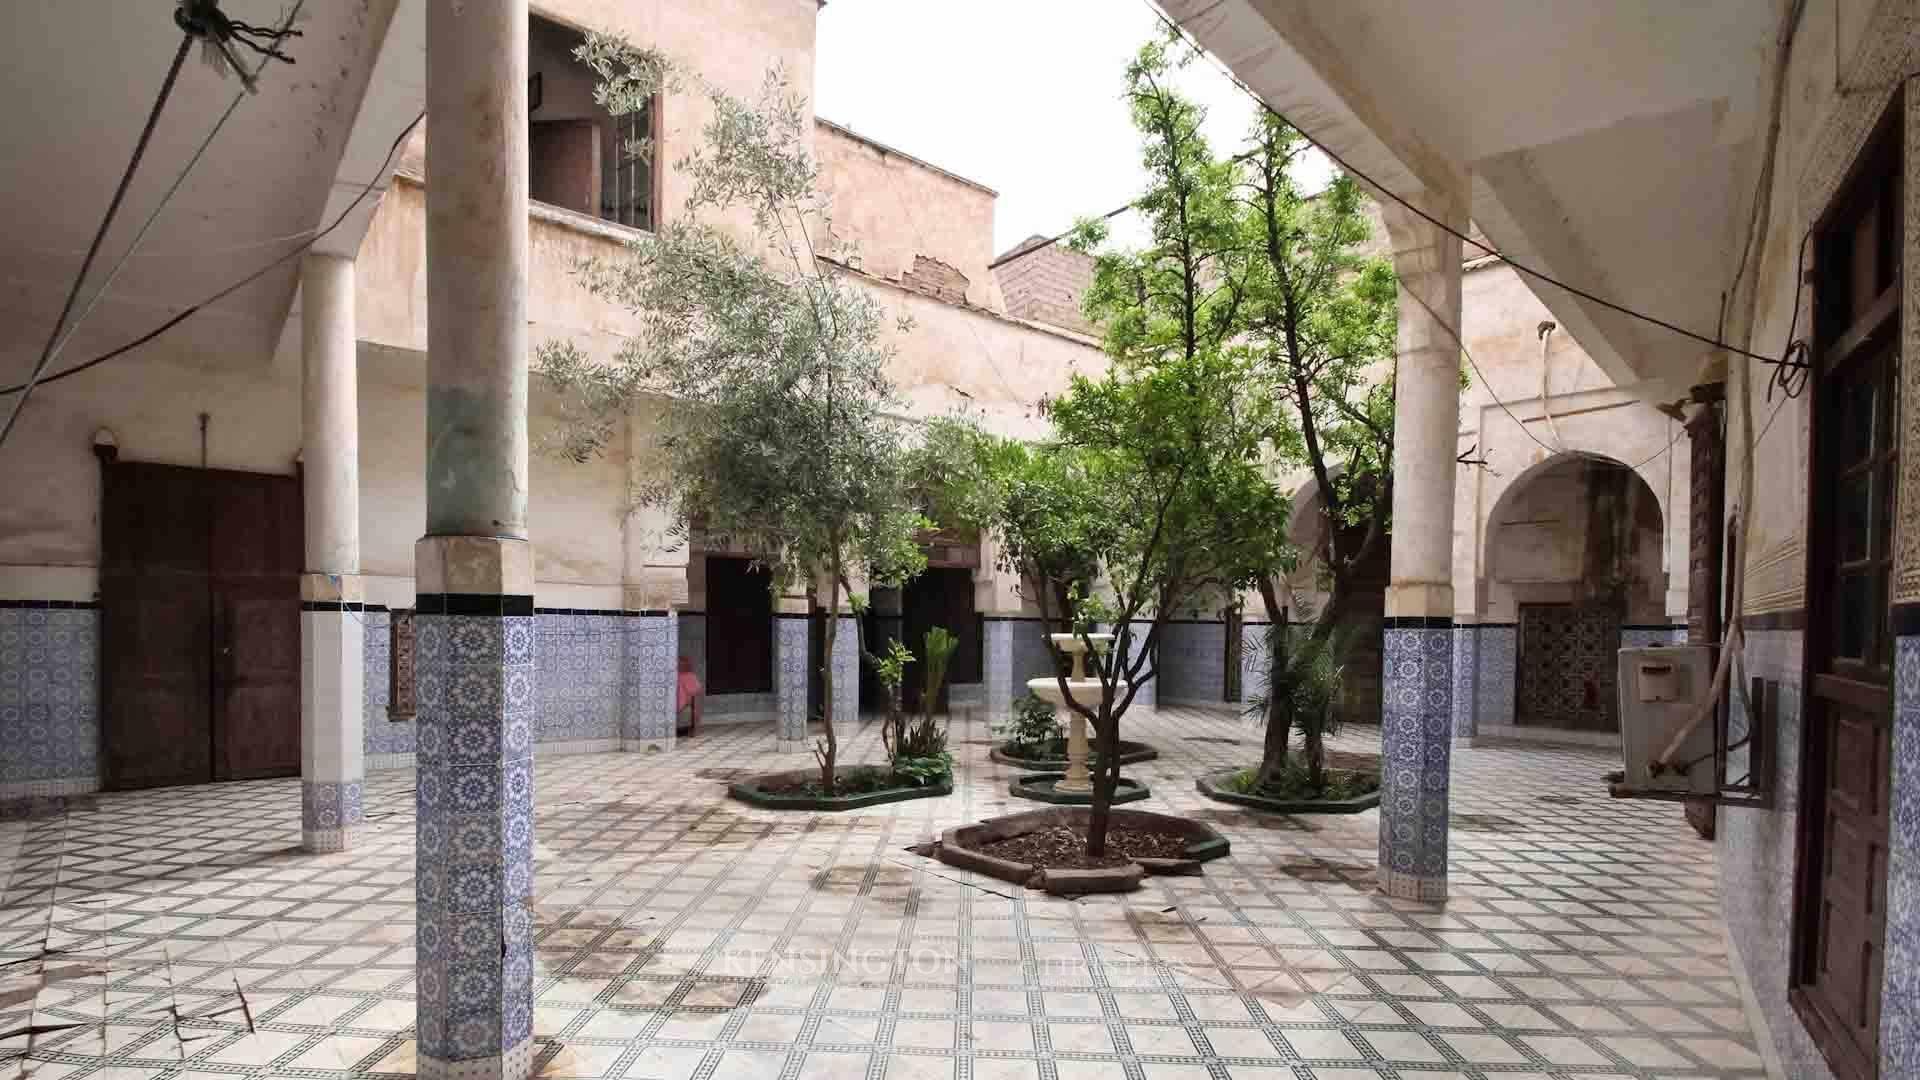 KPPM01012: Riad Erraï Riad Marrakech Morocco